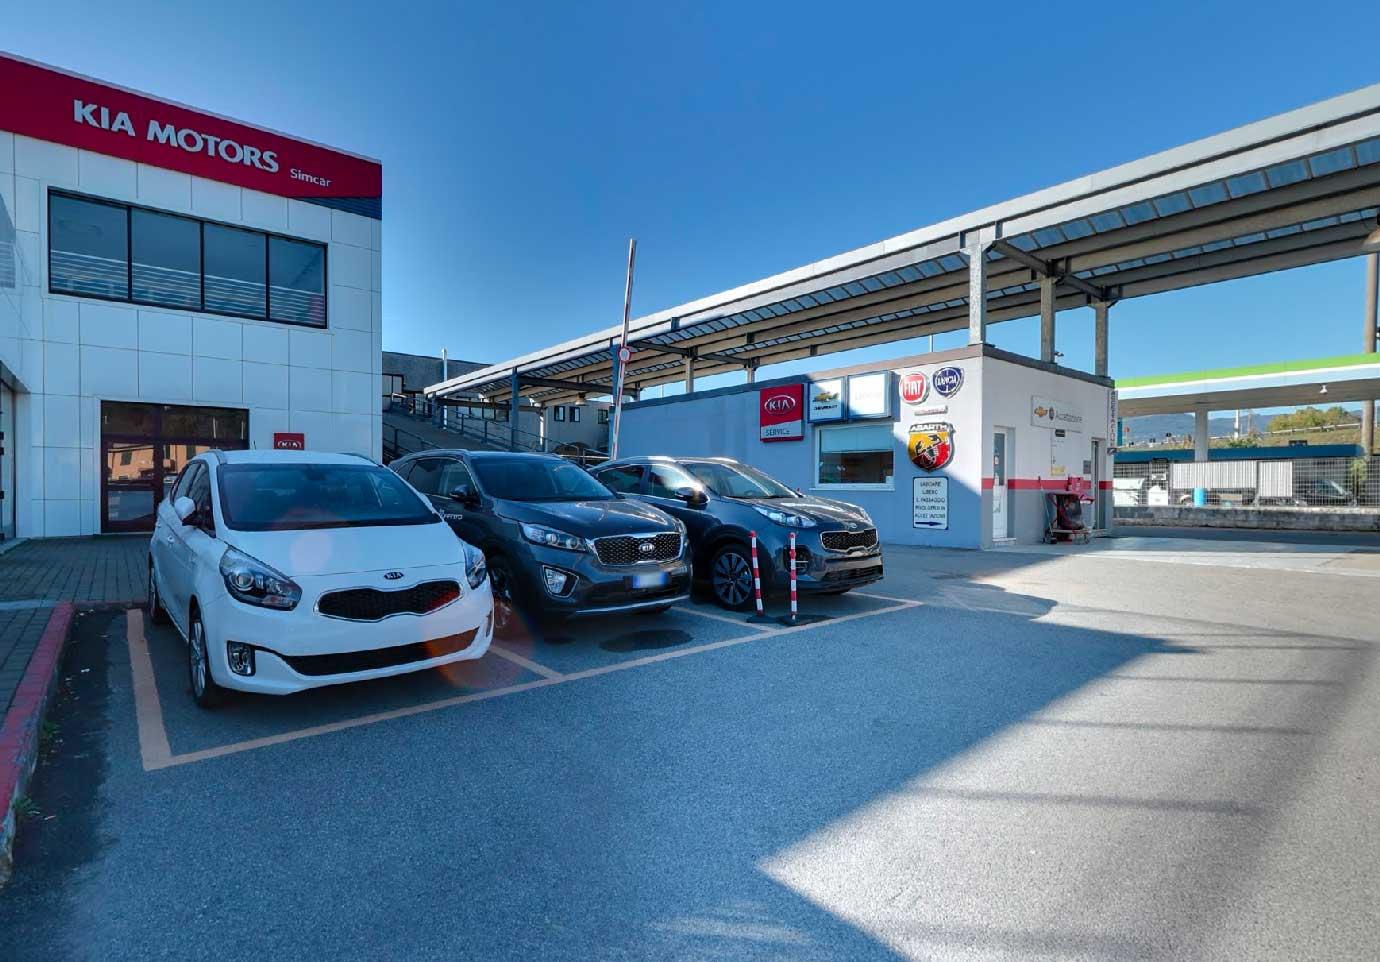 Simcar Assistenza, La Spezia SP – Fotografo Certificato Google Street View